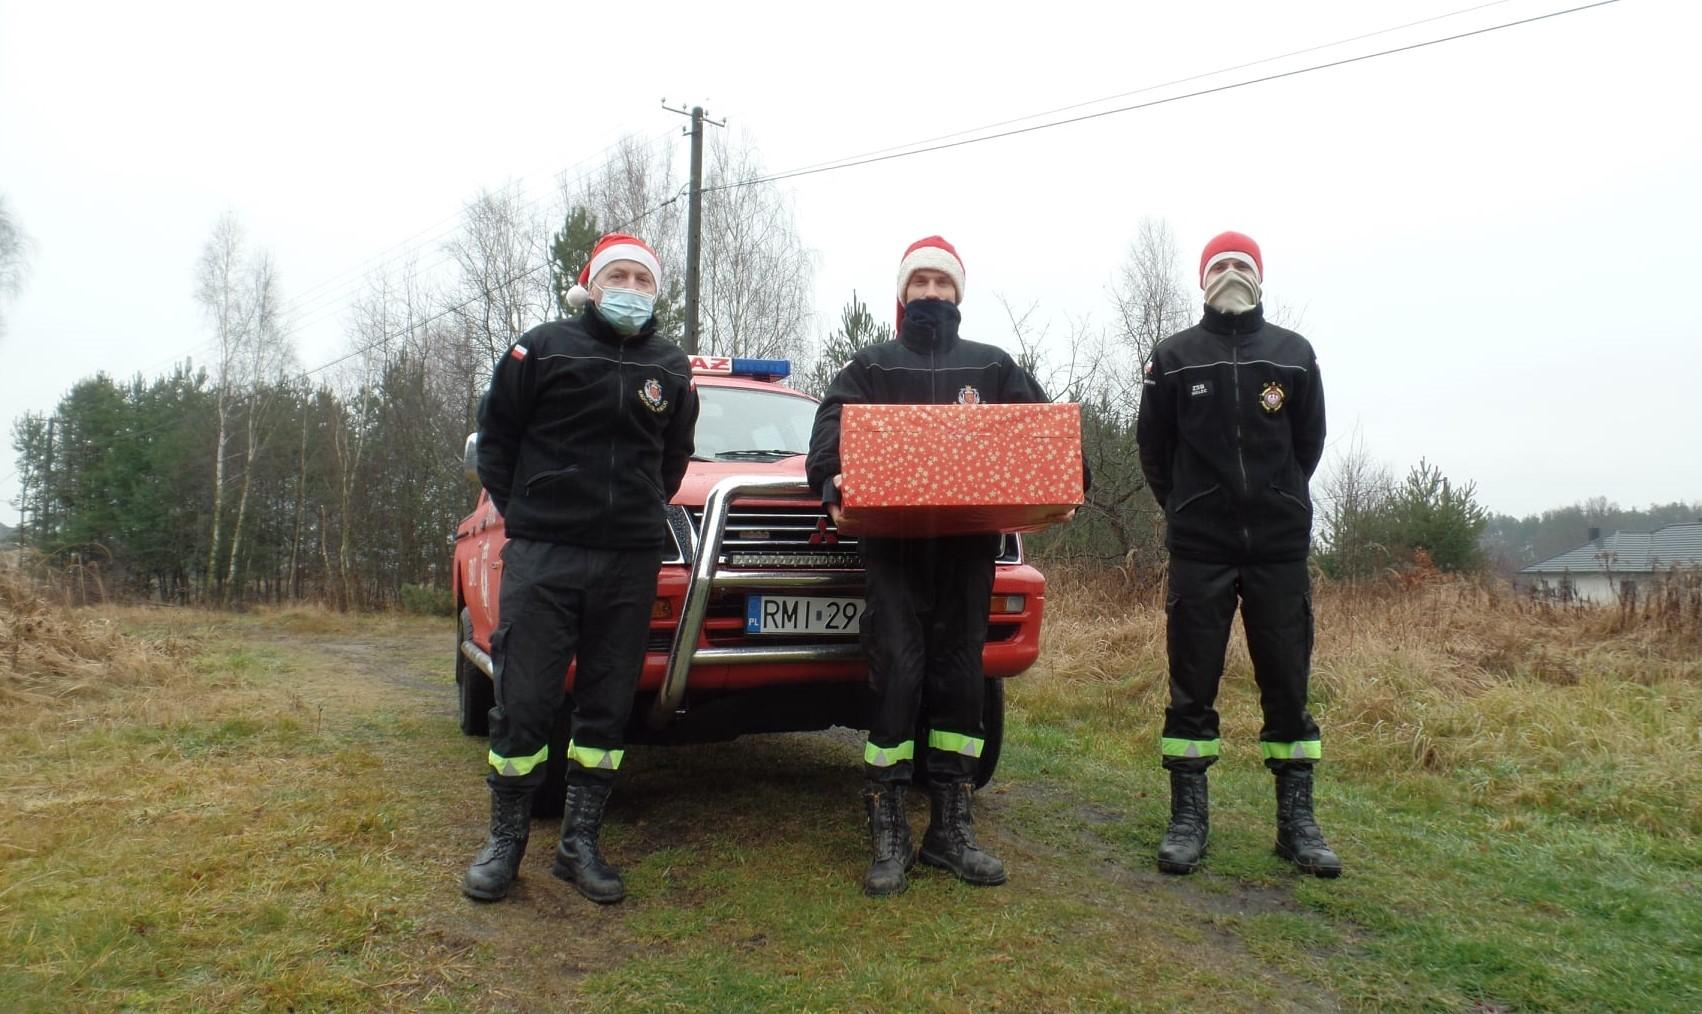 Strażacy z Radomyśla Wielkiego razem z Mikołajem rozdali prezenty [FOTO] - Zdjęcie główne